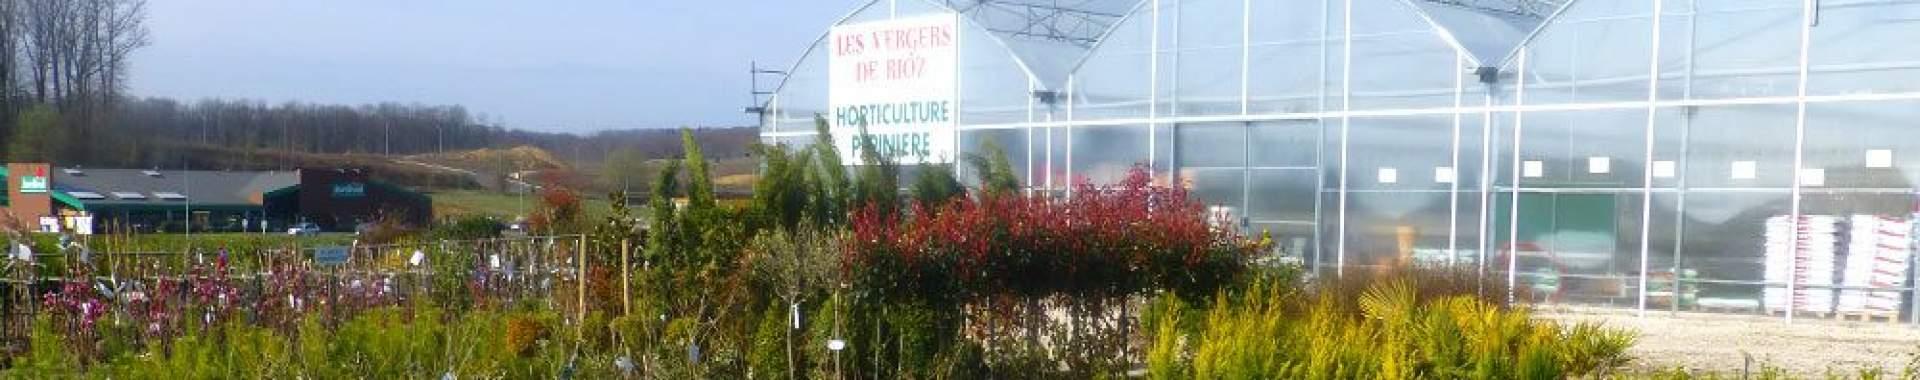 LES VERGERS DE RIOZ - Les Saveurs de la ferme